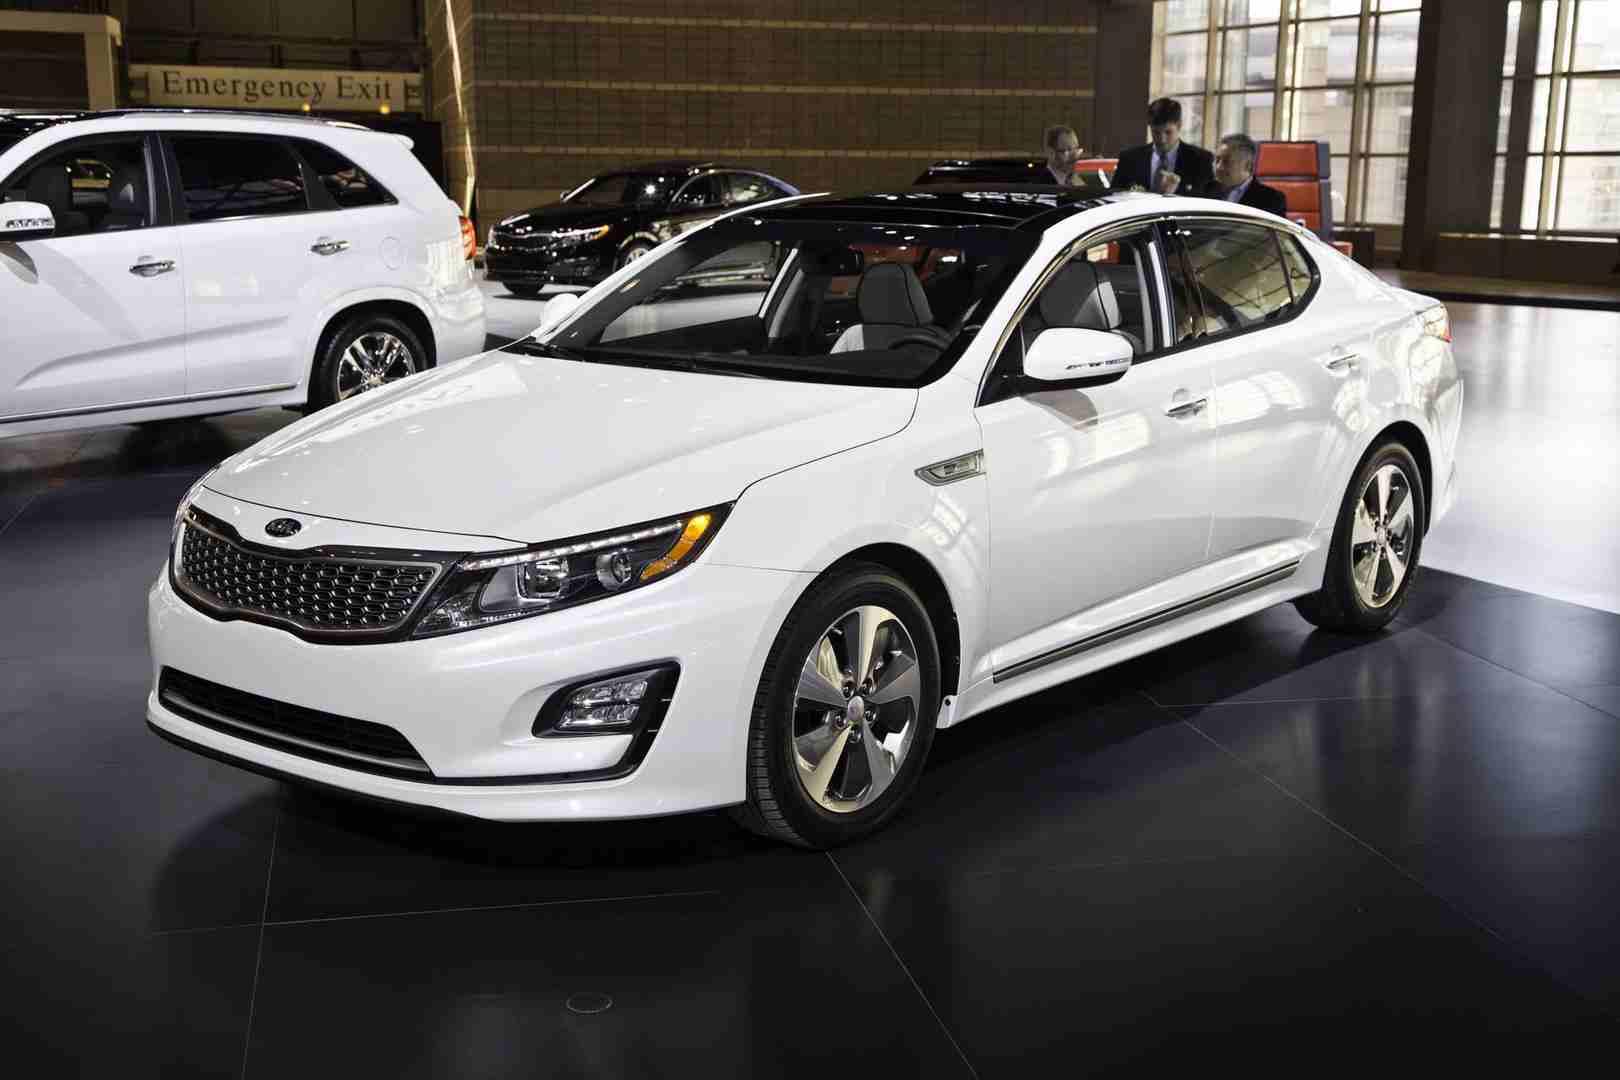 Midsize Sedan: 2015 Kia Optima